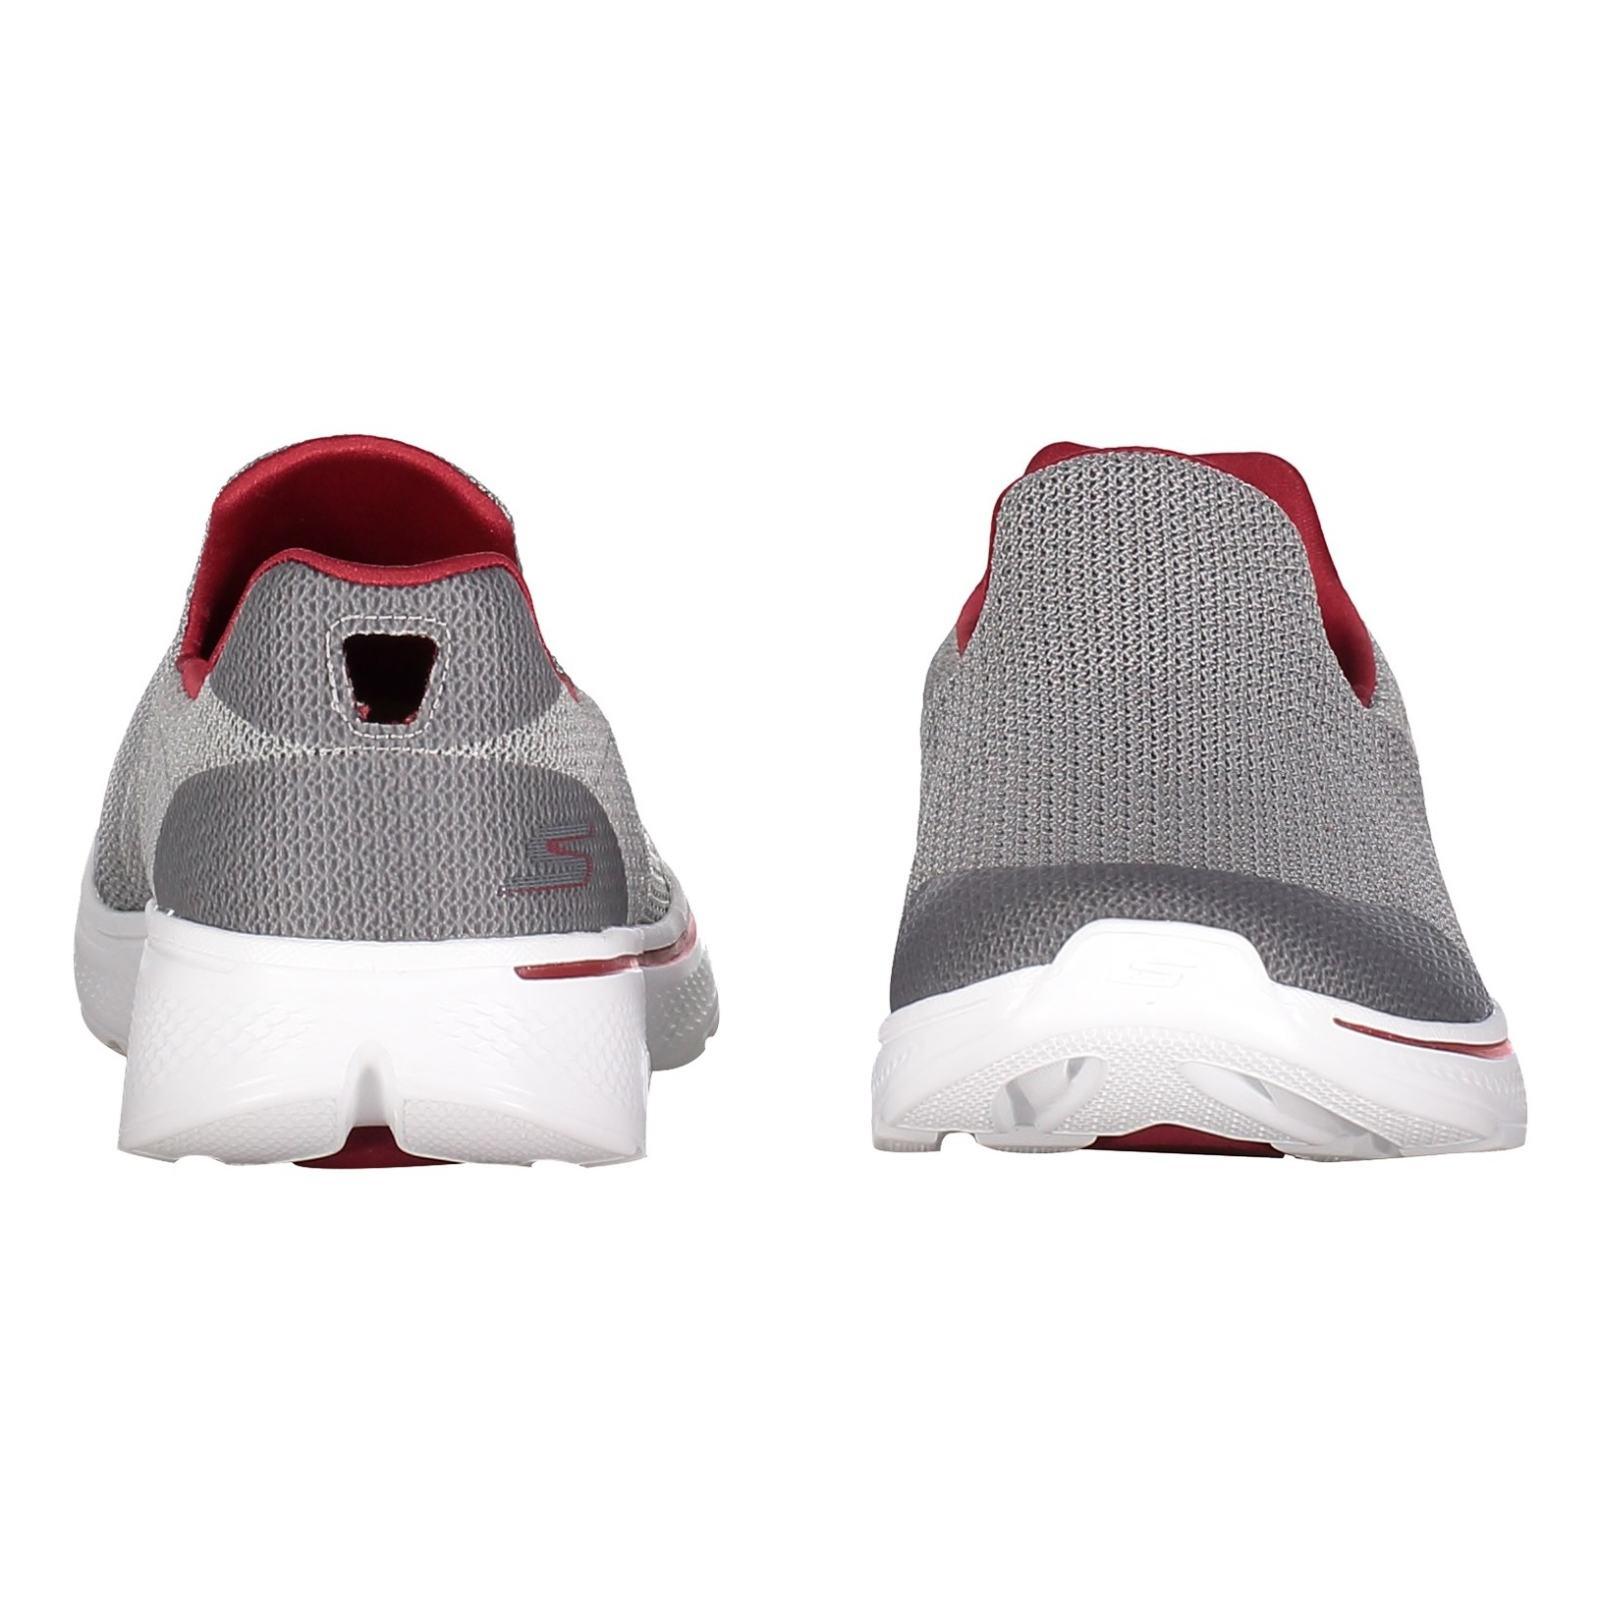 کفش پیاده روی پارچه ای مردانه GOwalk 4 Expert - اسکچرز - طوسي - 5